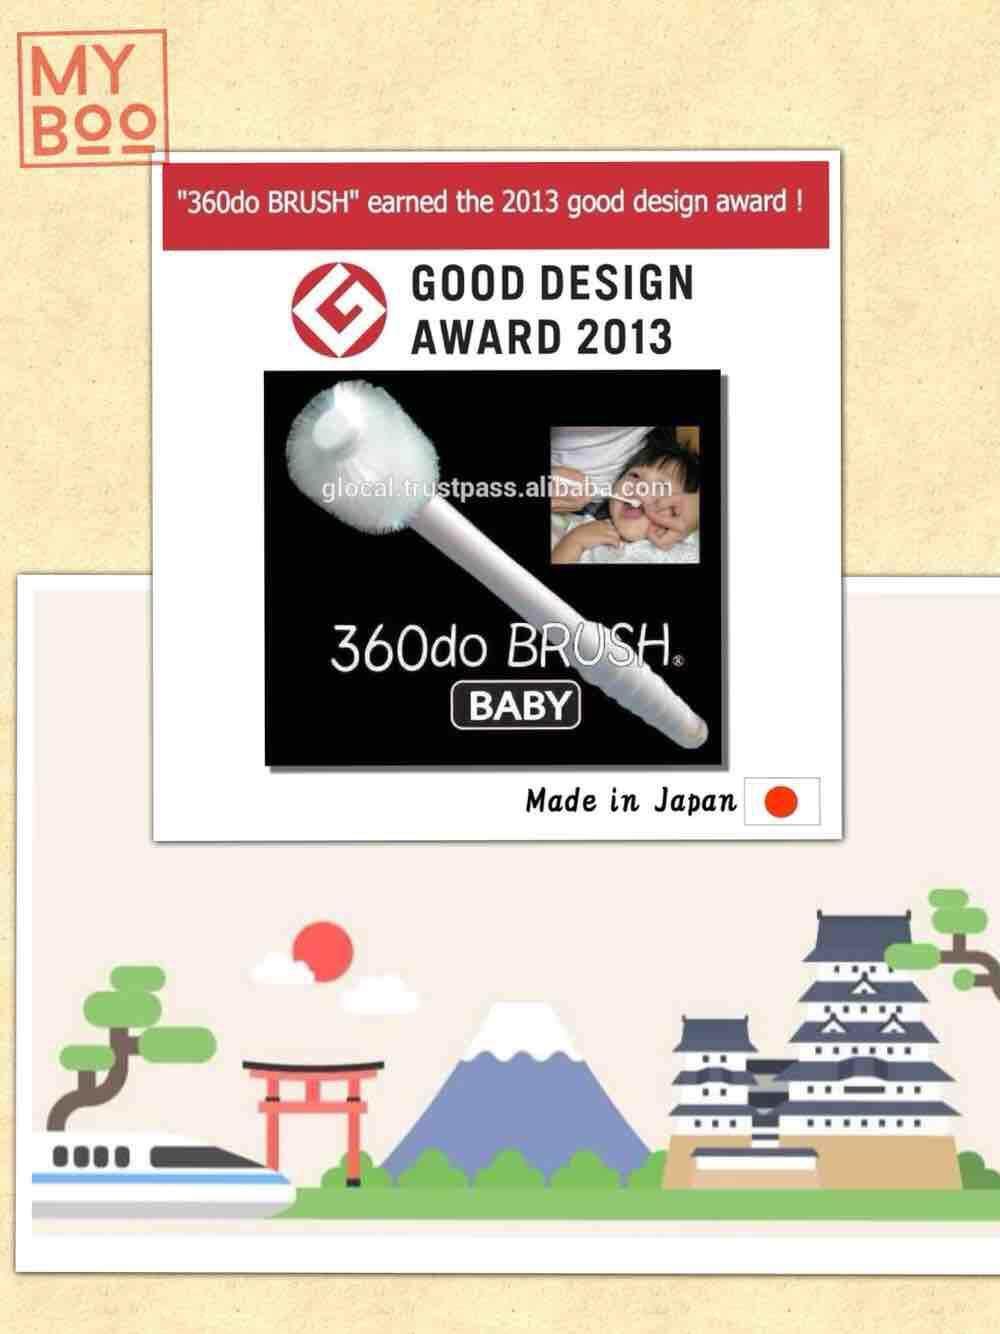 Fitur Joeyi Per Ayunan Bayi 5 Dan Harga Terbaru Info Children Toothbrushes 2 Pcs Order Japan Popular 360 Degree Baby